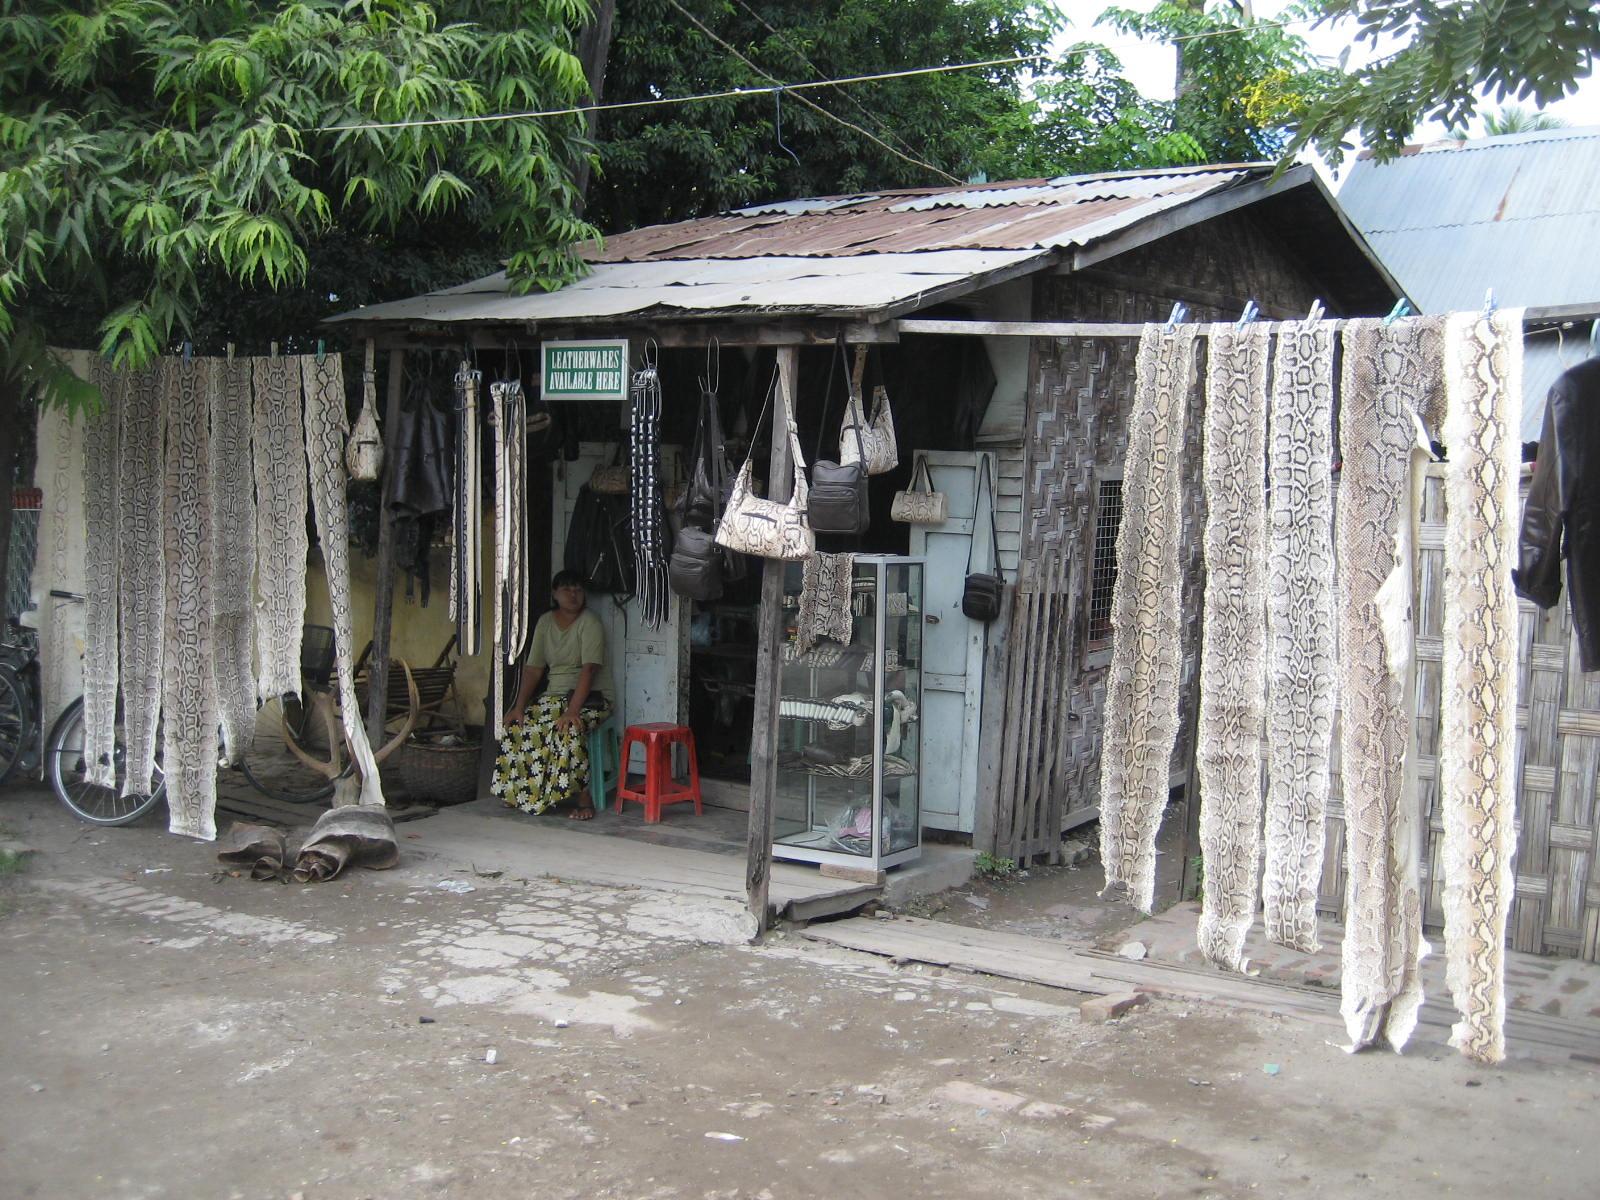 Python_Skins_Burma.jpg#